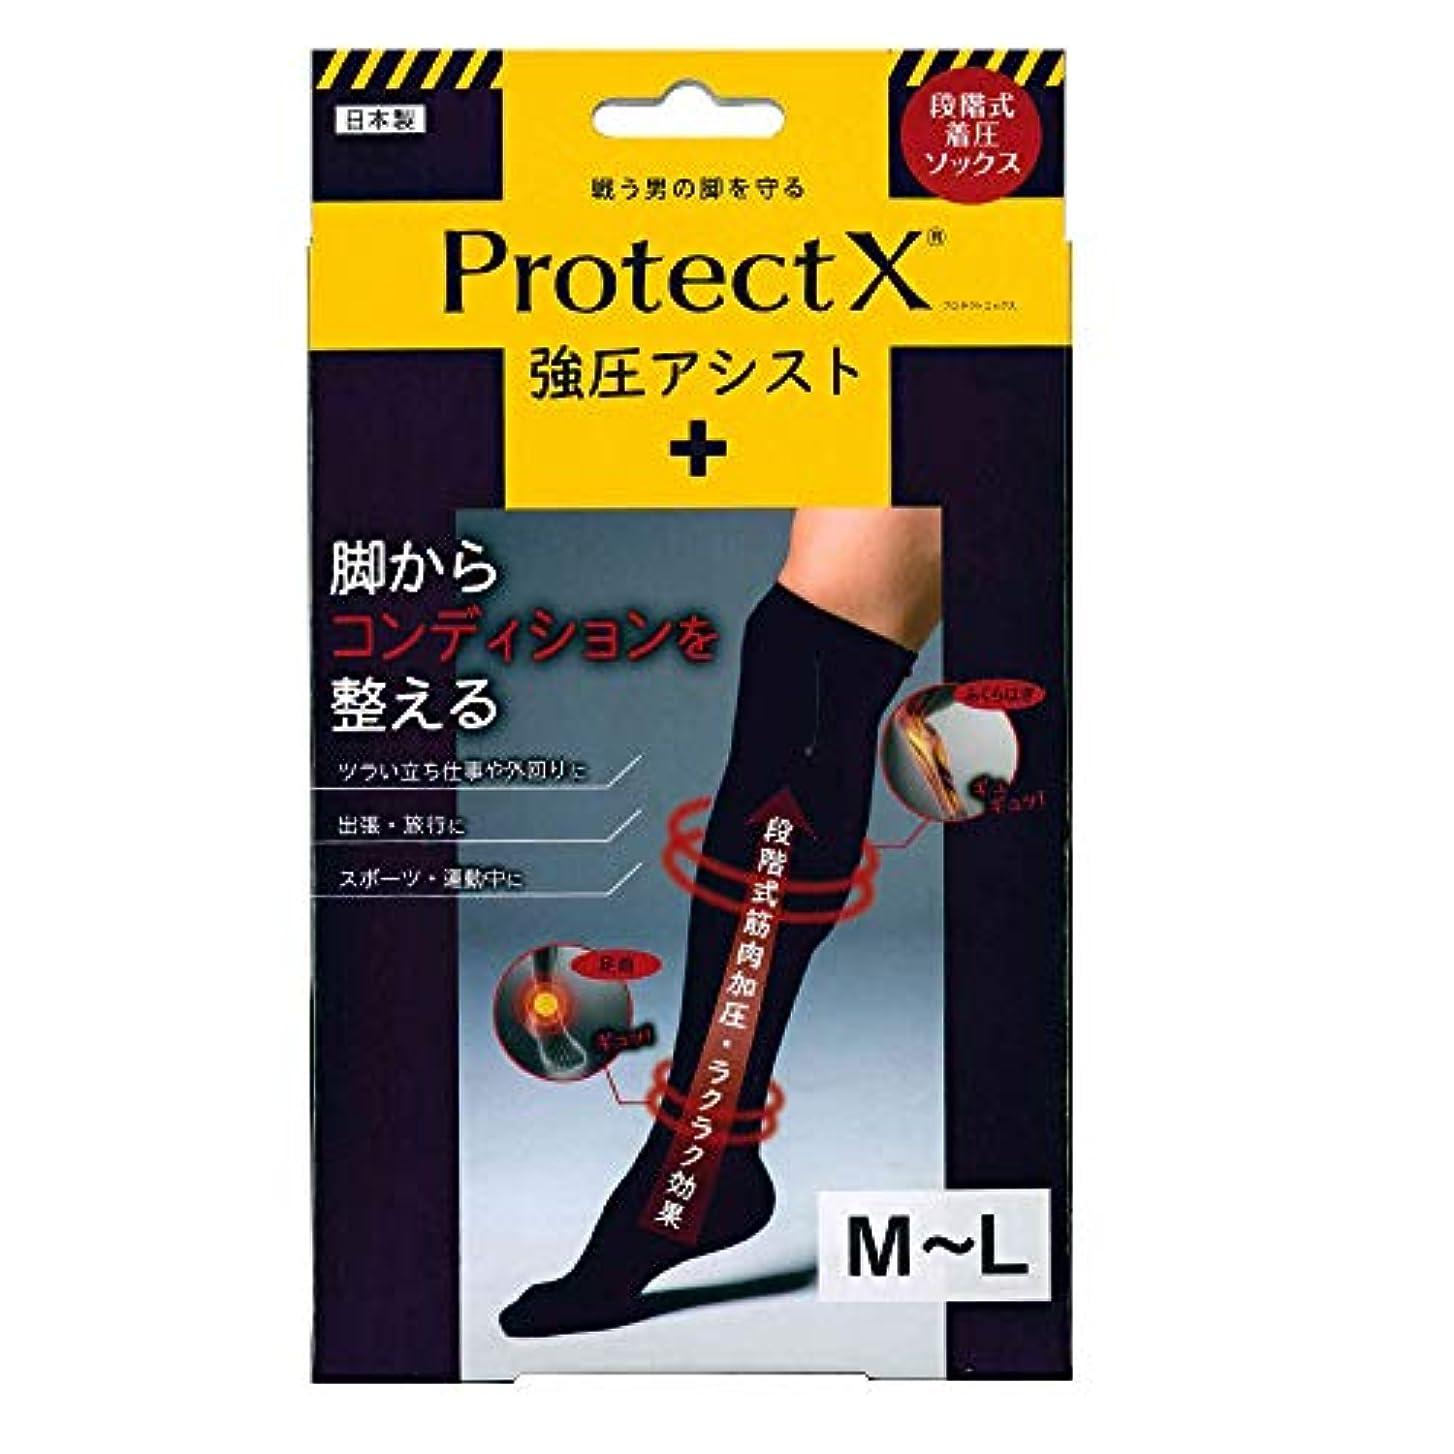 レギュラー公式温室Protect X(プロテクトエックス) 強圧アシスト つま先あり着圧ソックス 膝上 M-Lサイズ ブラック